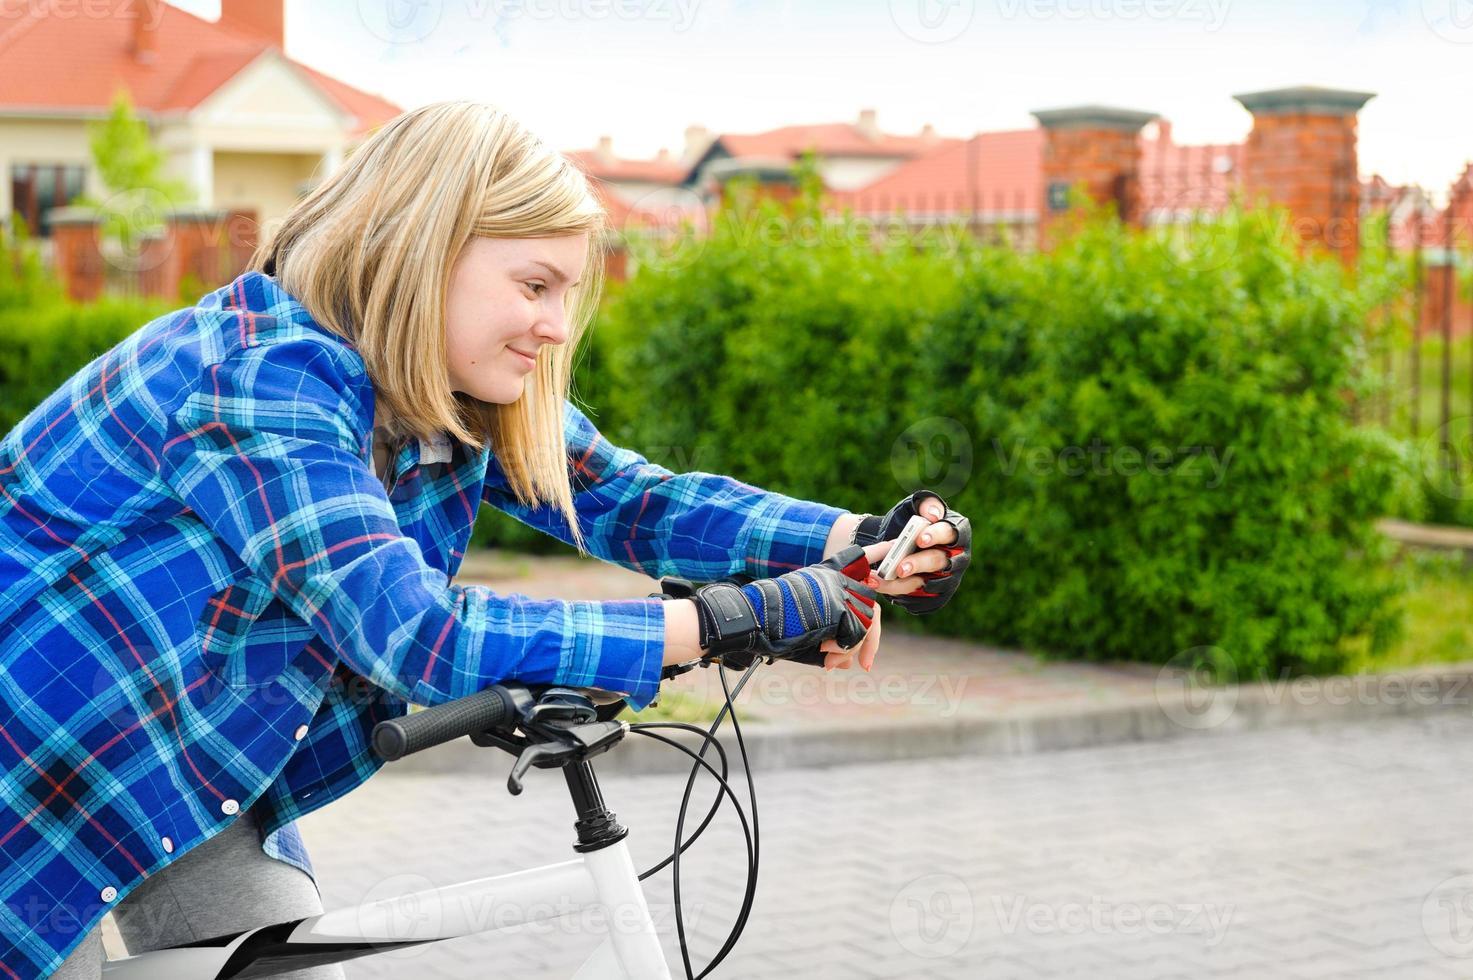 excursionista joven busca coordenadas gps en el teléfono inteligente. foto